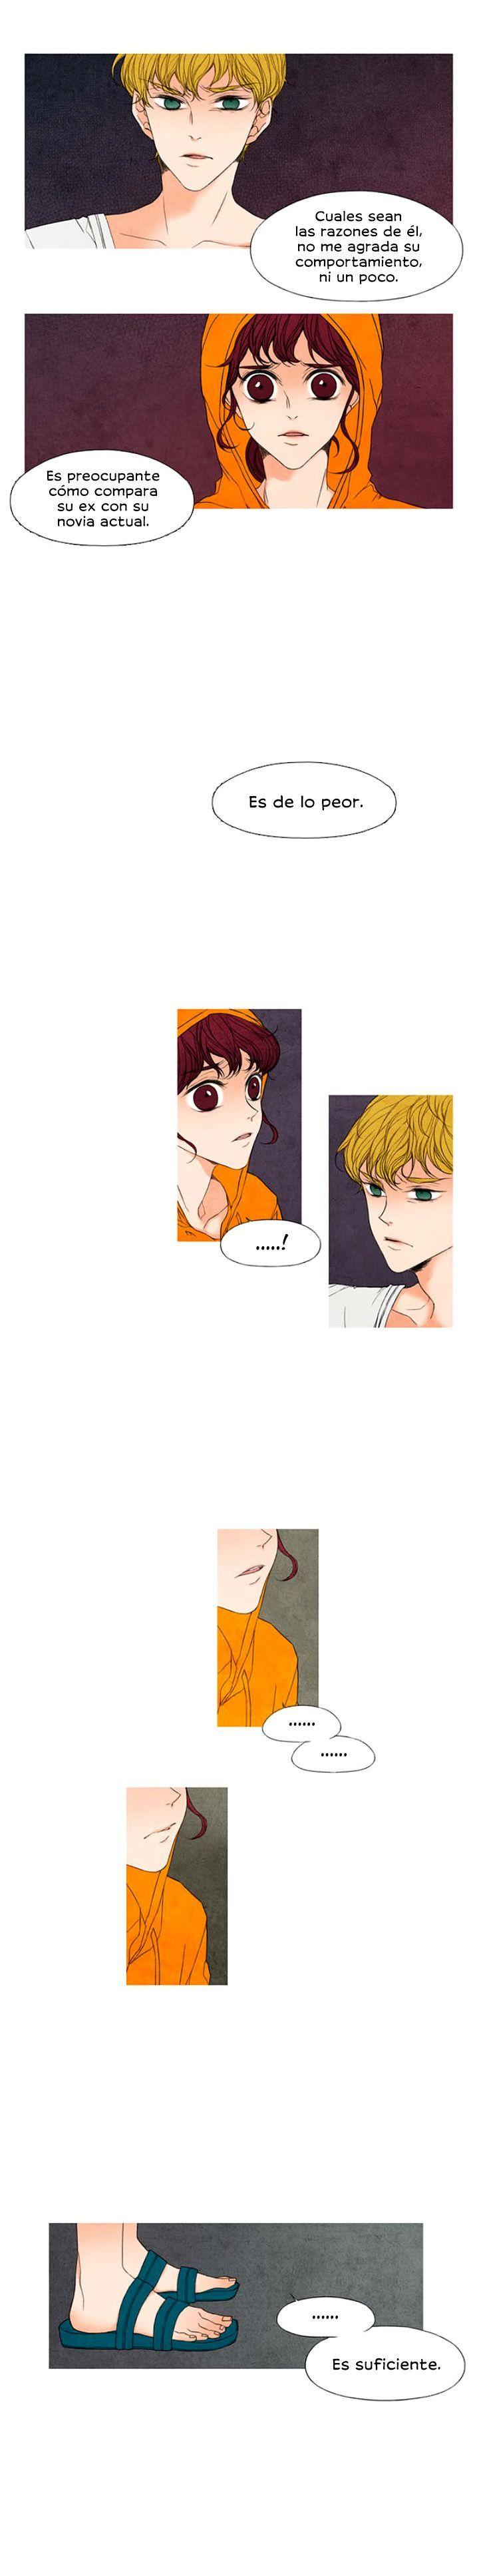 Marmoleado Romántico Capítulo 20 página 11 - Leer Manga en Español gratis en NineManga.com